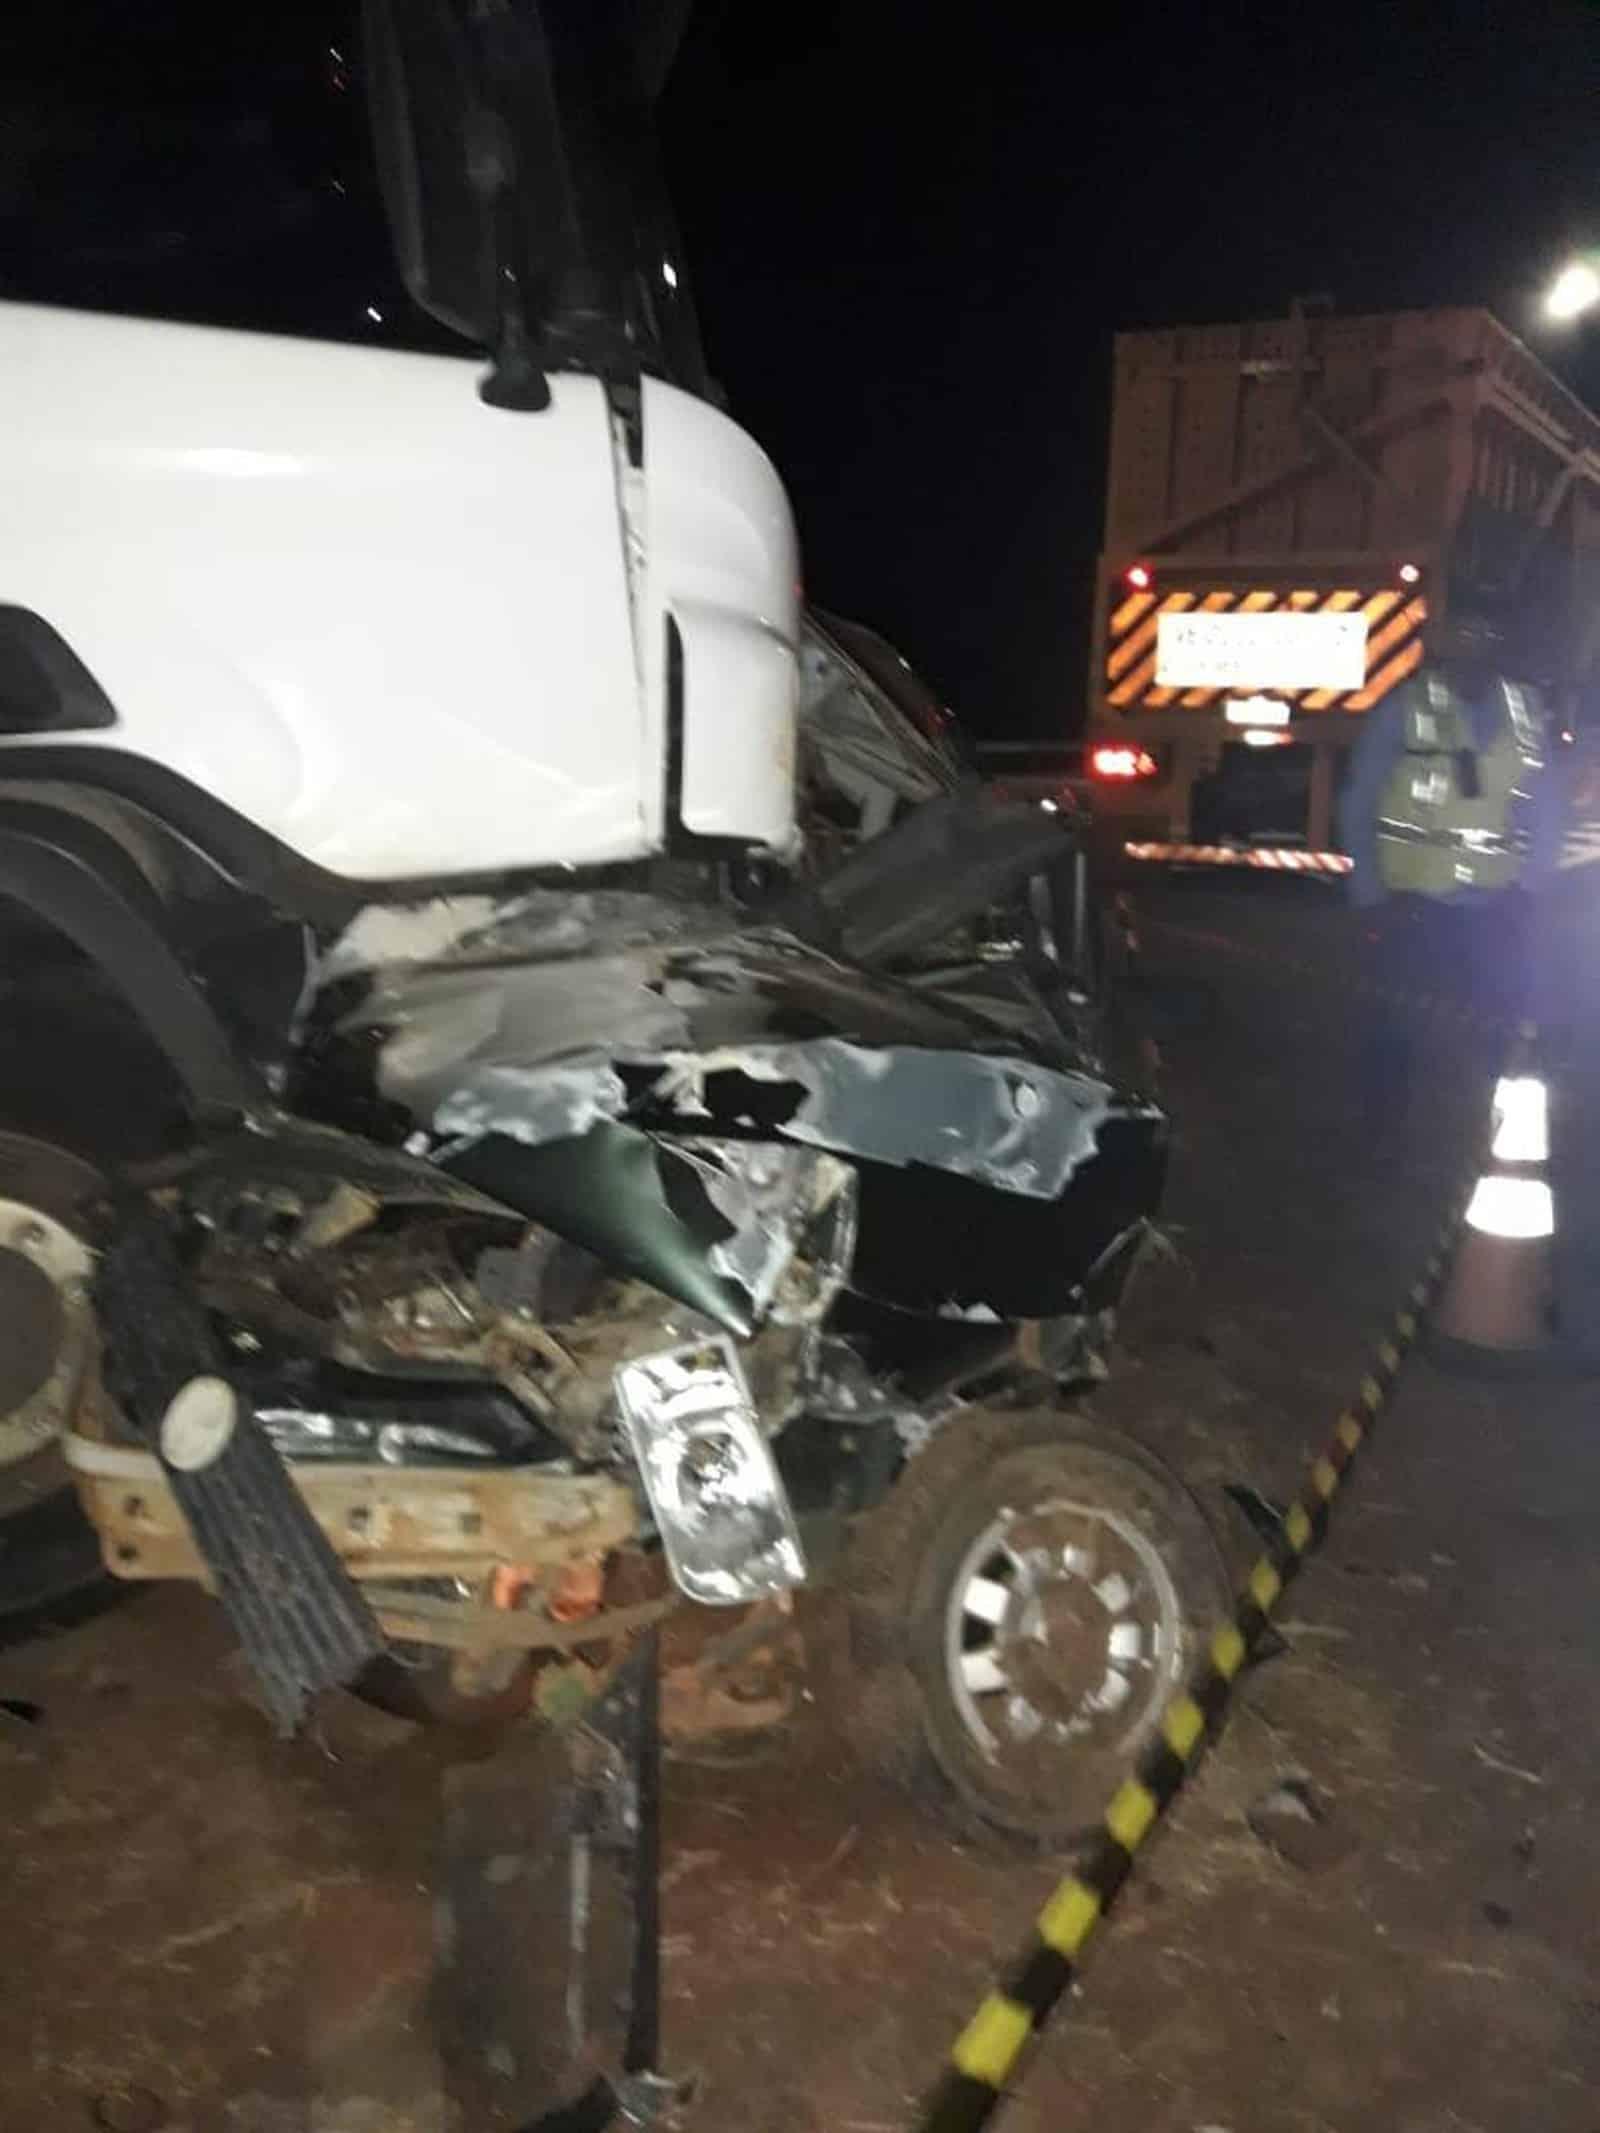 Acidente ocorreu na noite desta quarta-feira (10), na rodovia Transbrasiliana, em Promissão (SP) — Foto: J. Serafim/Divulgação